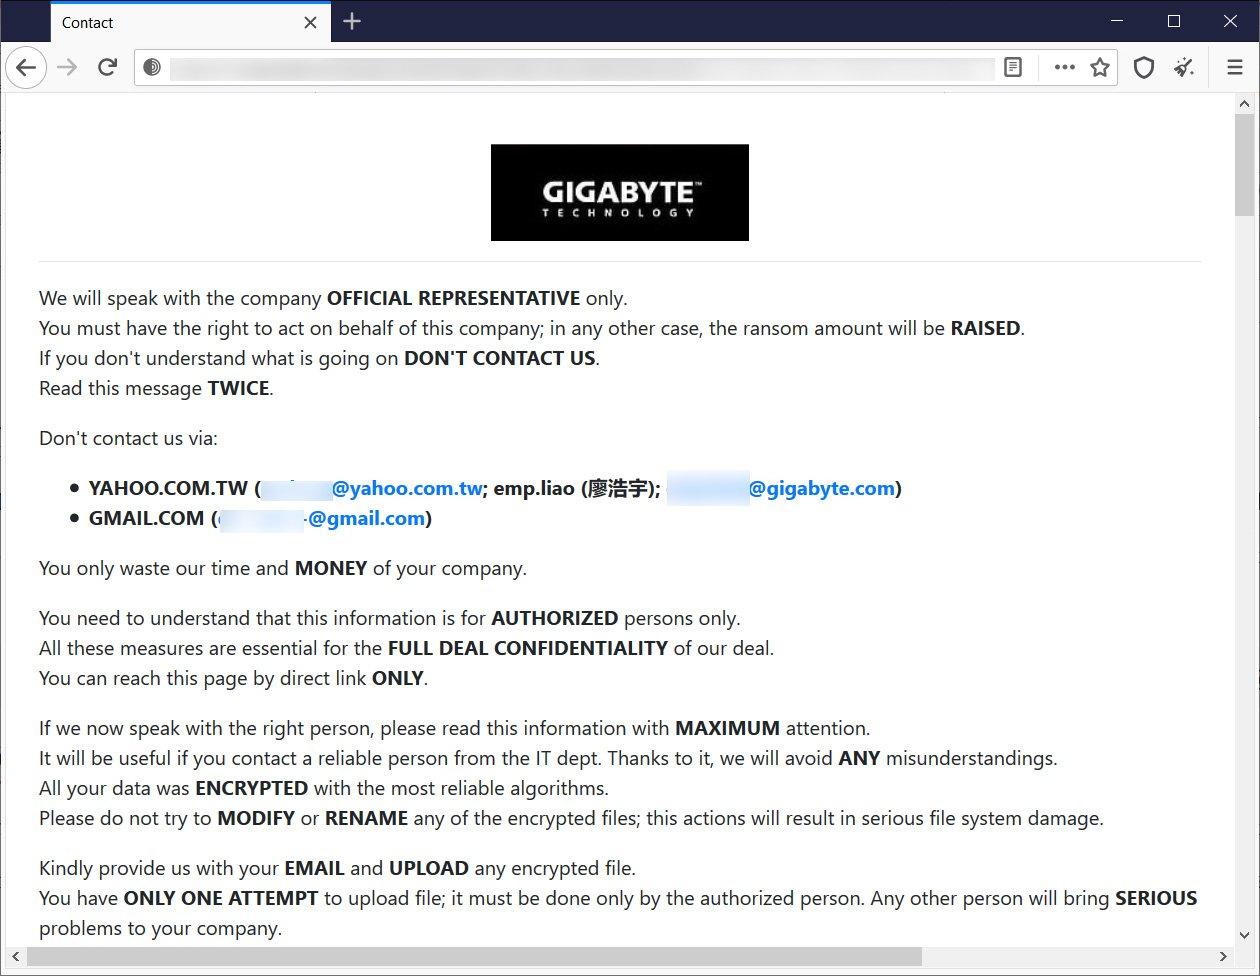 Έγινε παραβίαση δεδομένων στην Gigabyte μετά από επίθεση ransomware Gigaby10